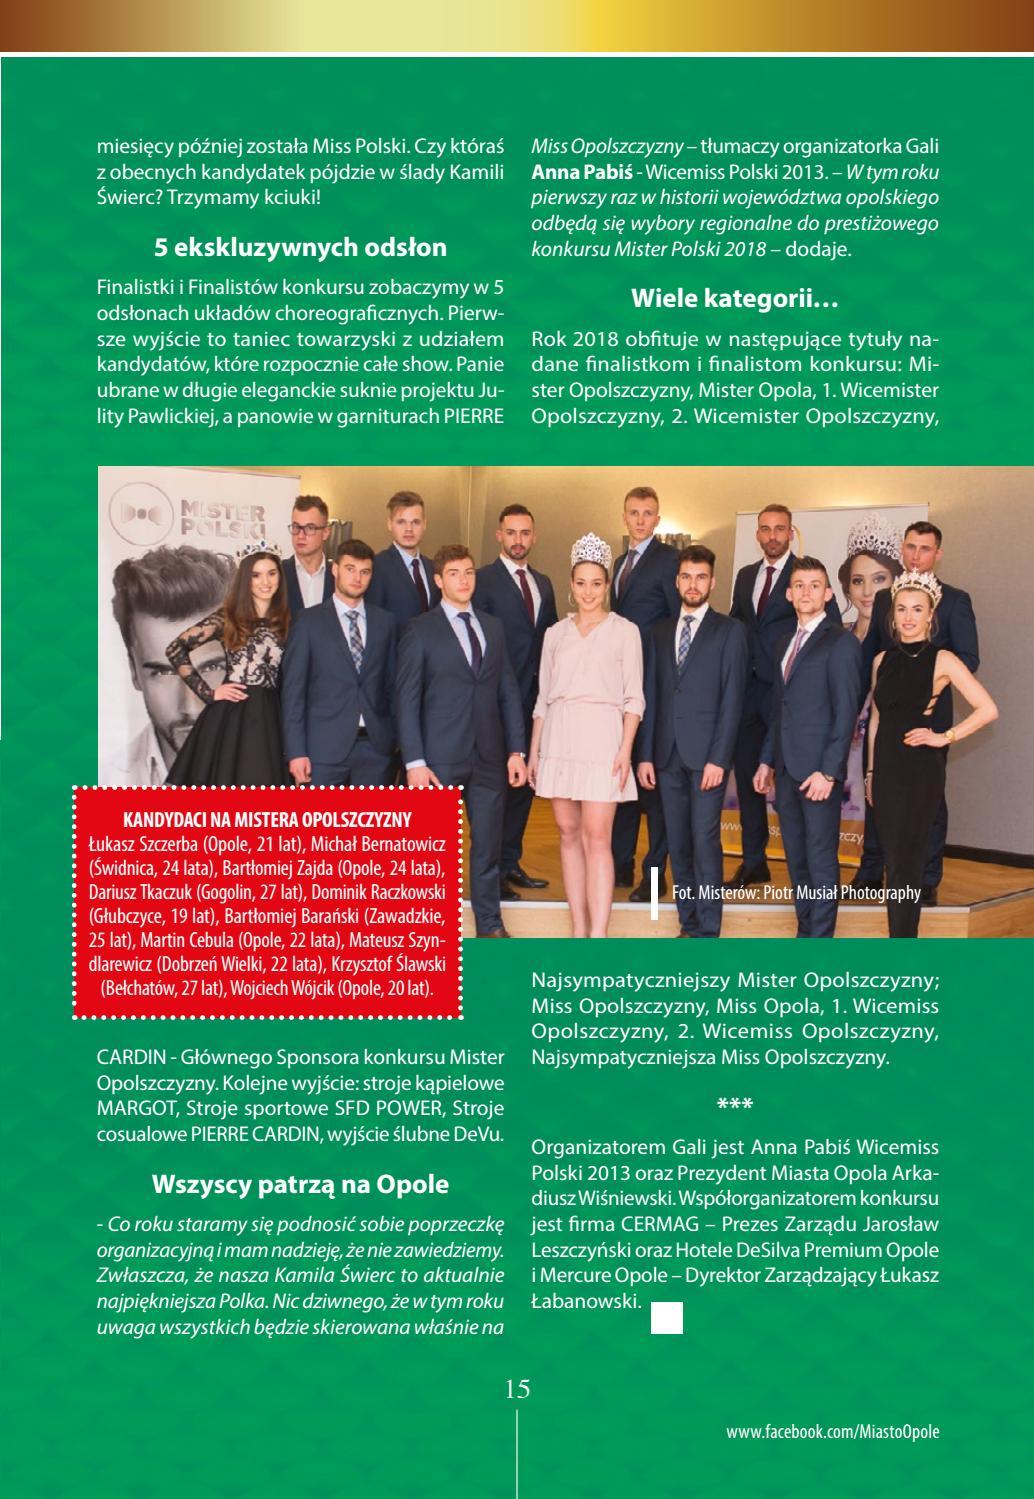 suche nach dem besten neuartiger Stil zarte Farben Opole i kropka nr 5/2018 by Miasto OPOLE - issuu